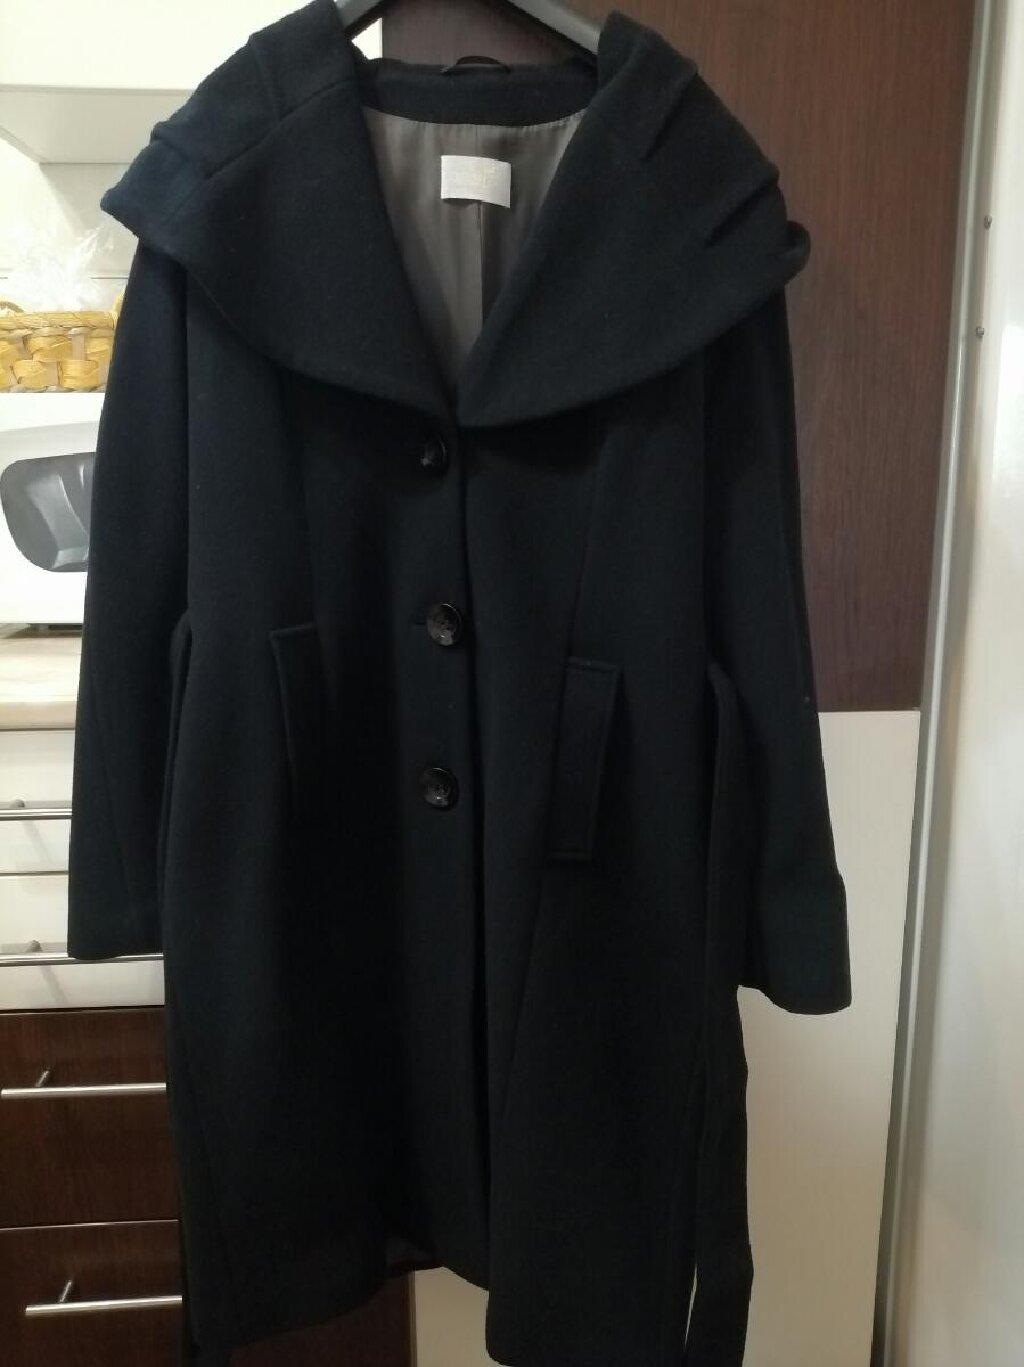 Prodajem kaput kao nova dva puta obucen 44 vel. Ima 80%vune